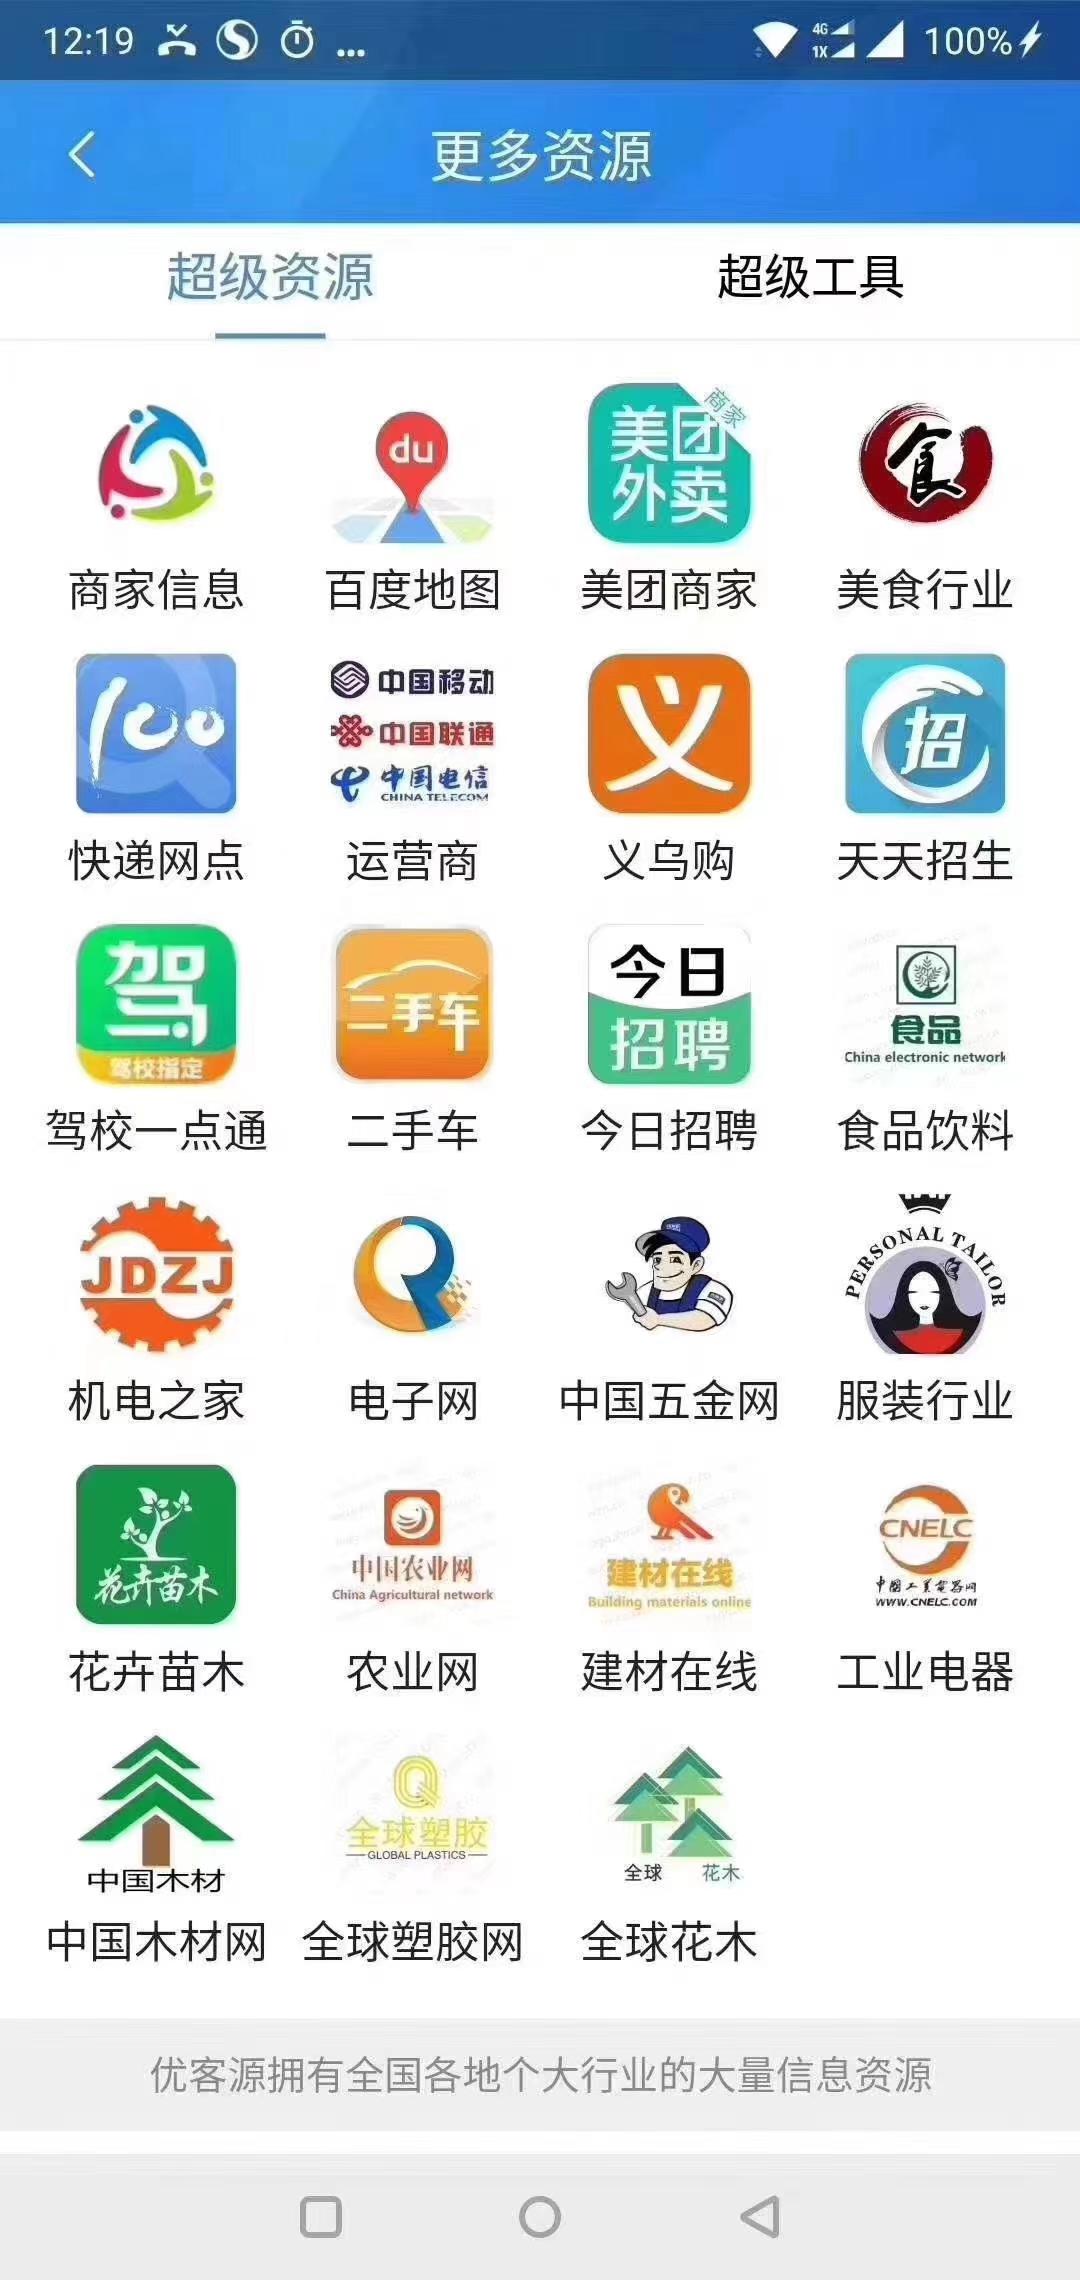 优人脉3.0/4.0王牌人脉安卓苹果用户可选全国地区、性别、职业 选择添加